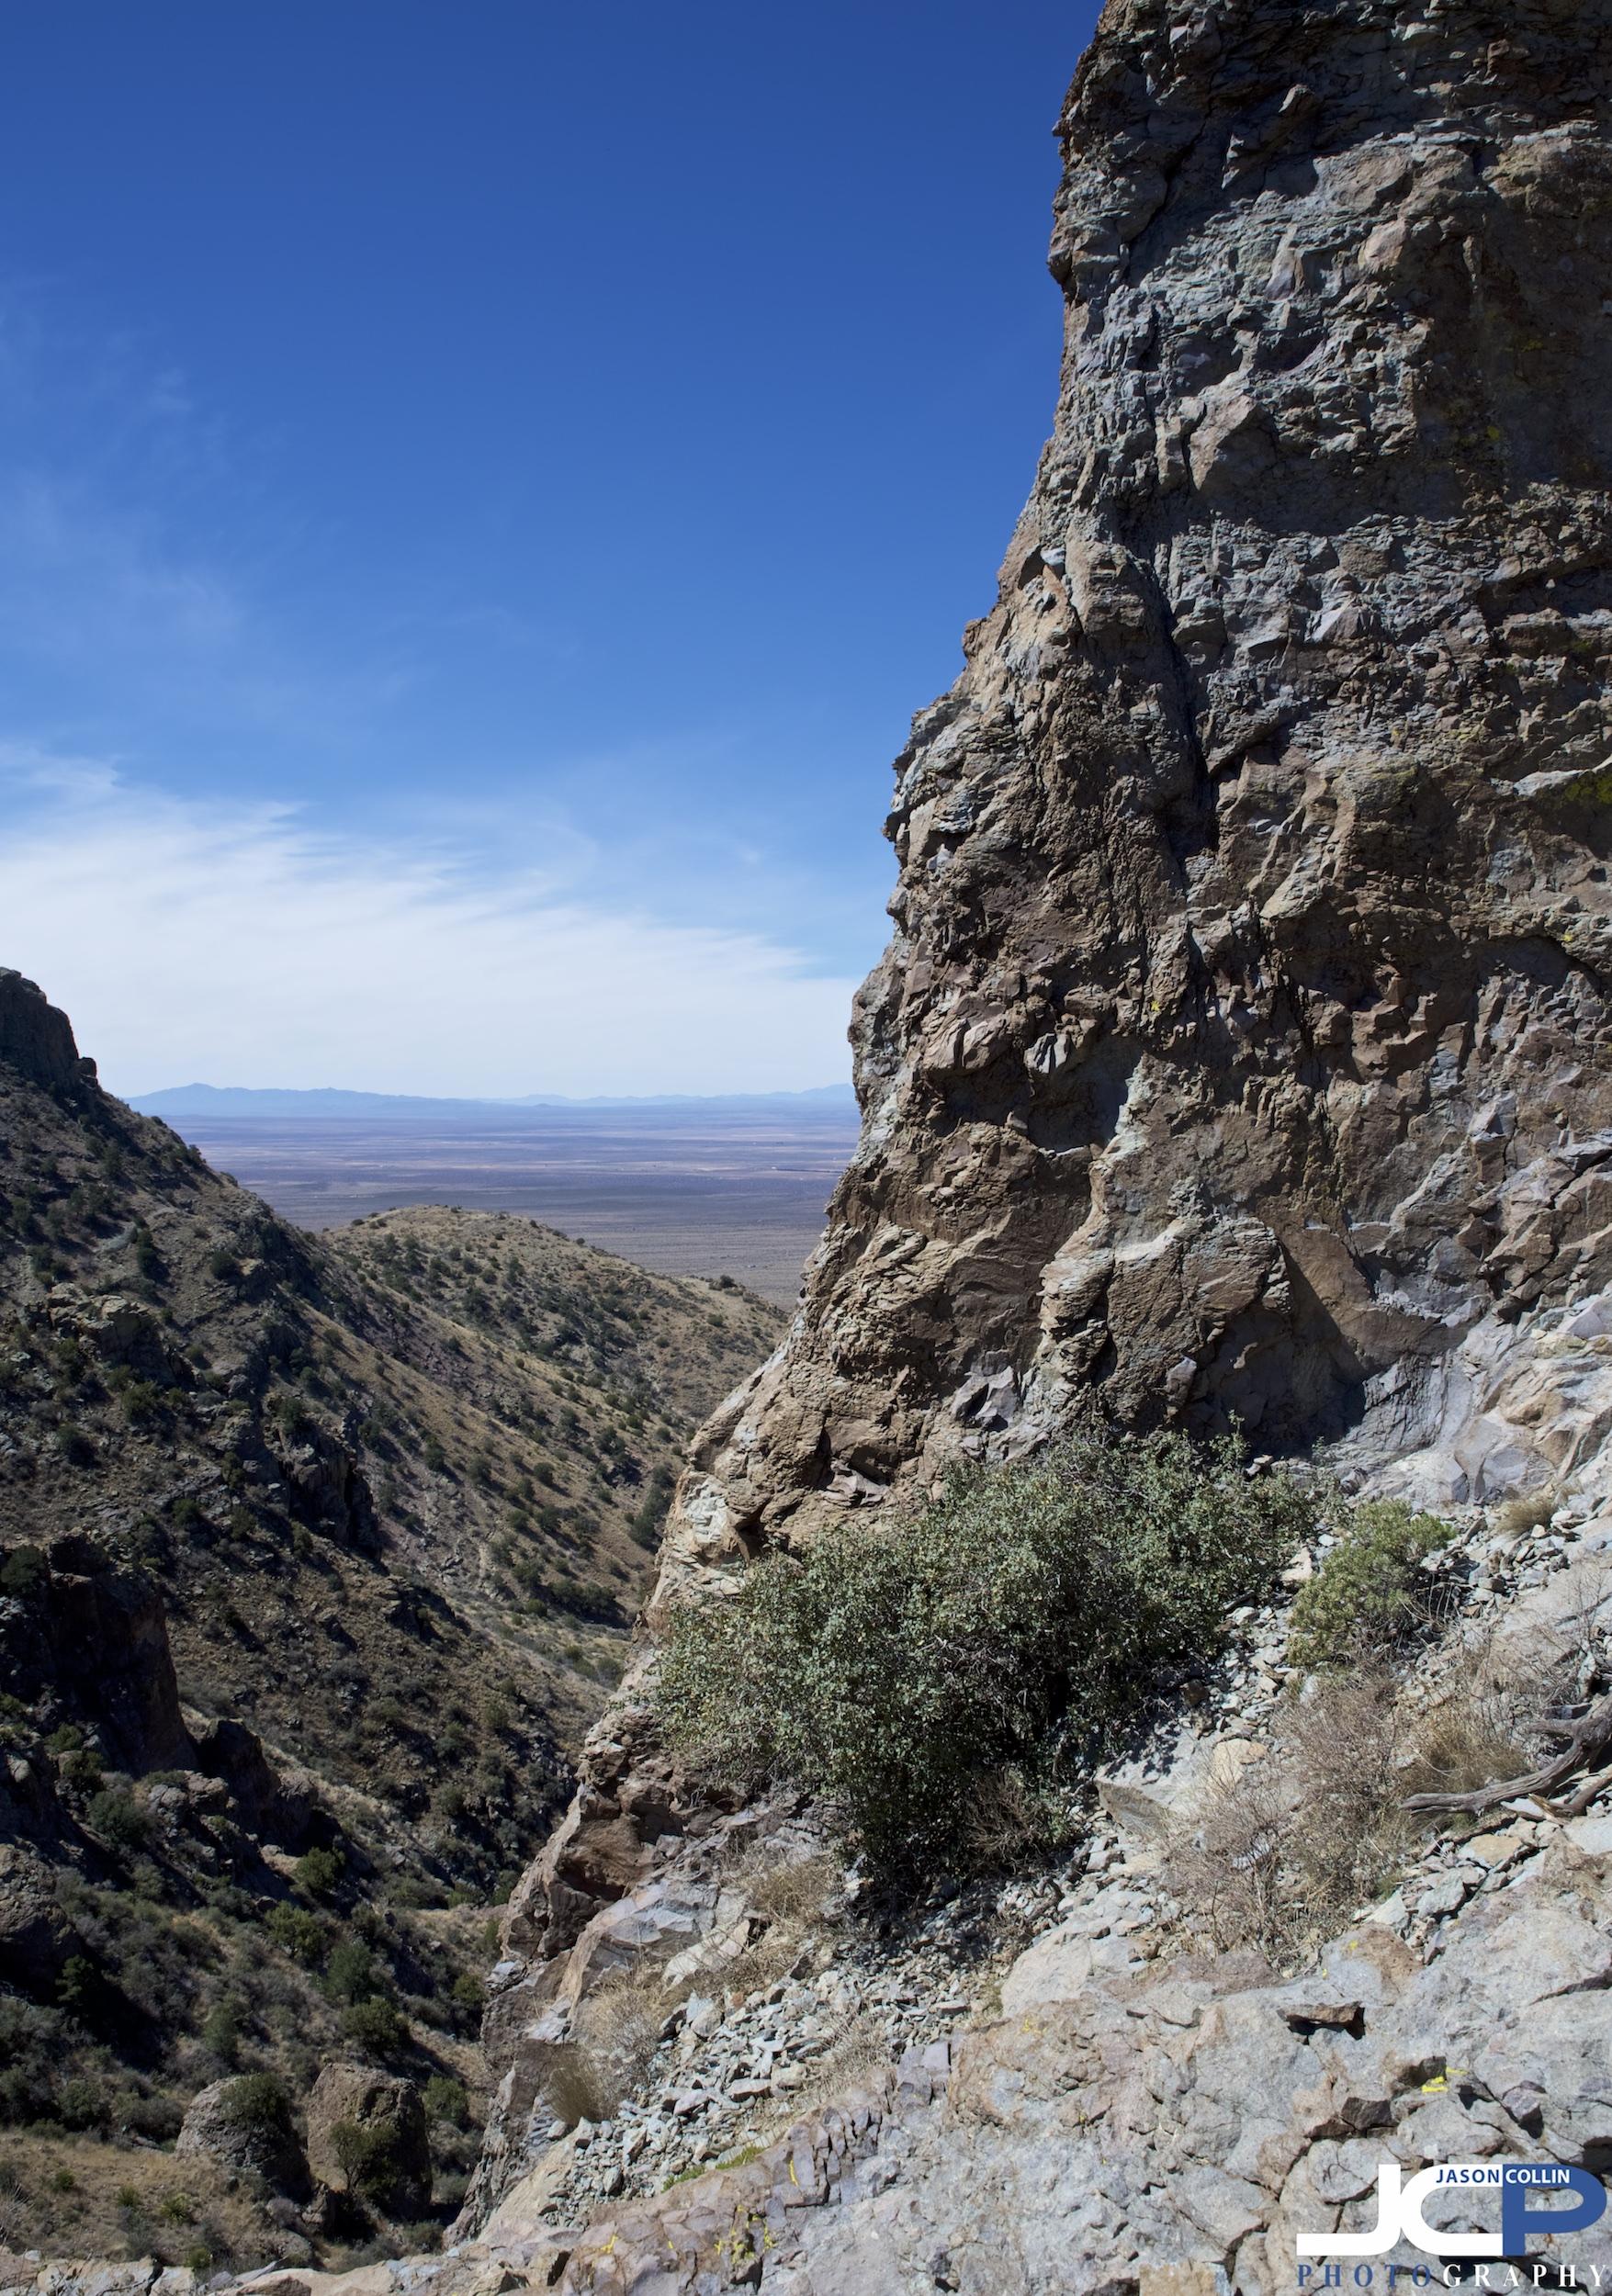 spring-canyon-3-22-2019-nm-123280.jpg